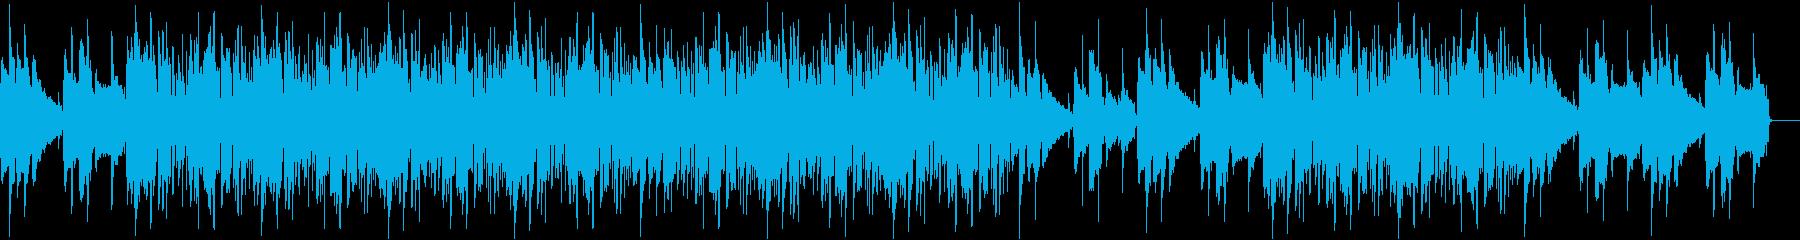 チル・クール・ミステリー・ゆったりの再生済みの波形